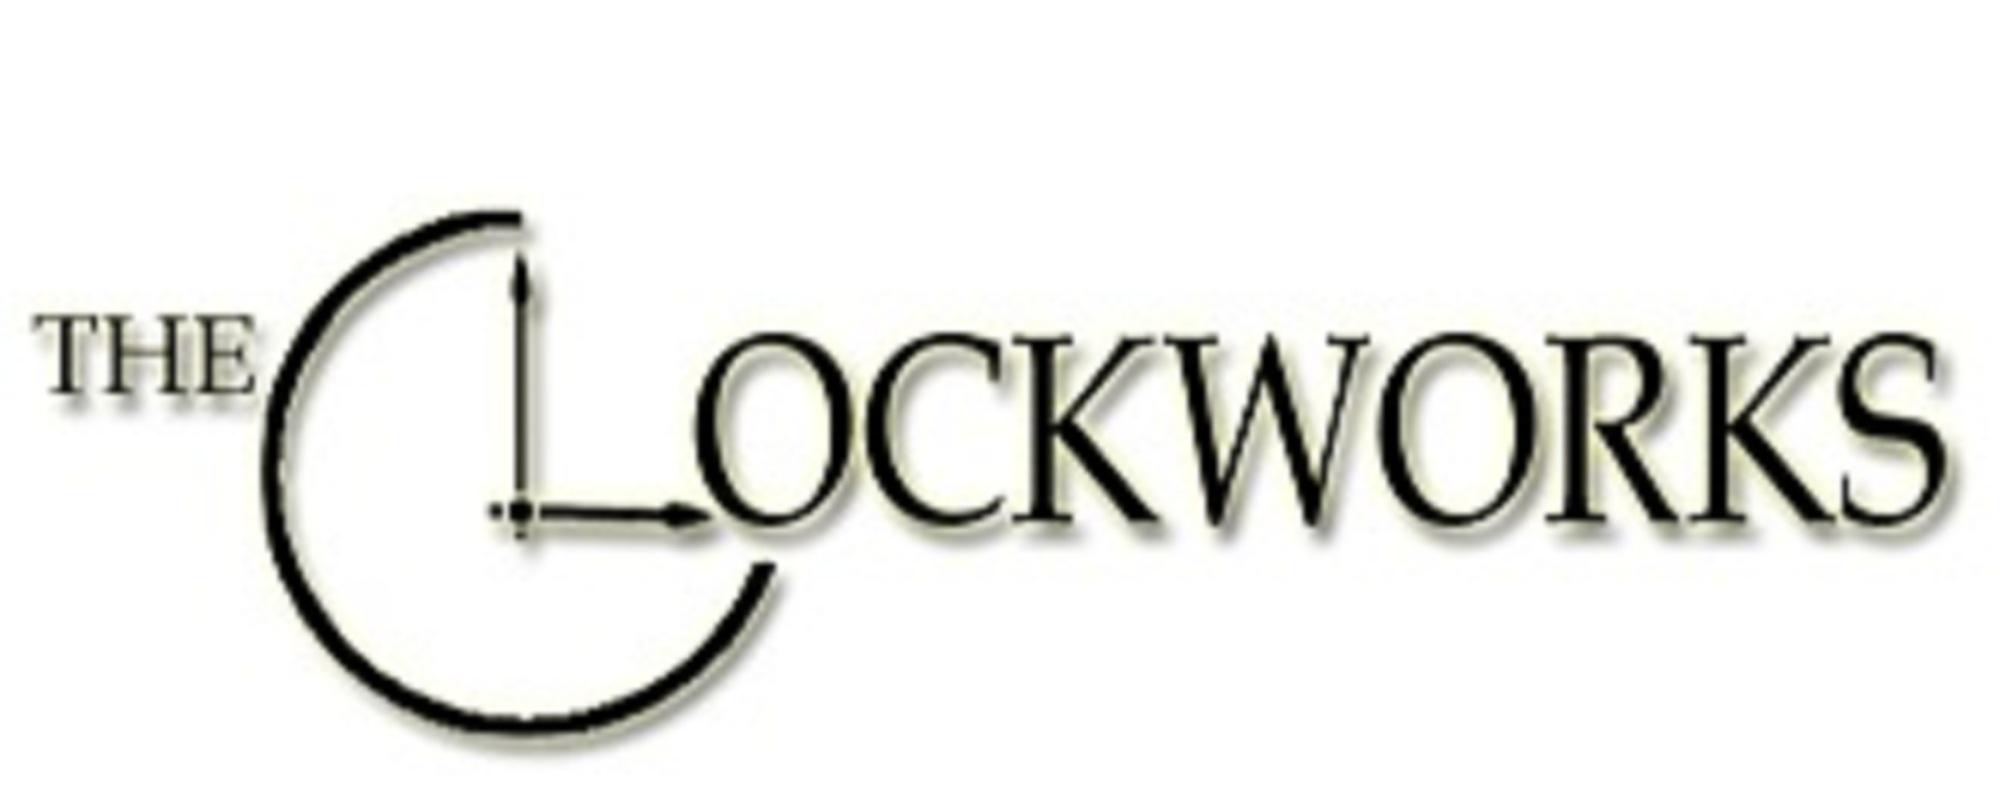 The Clockworks